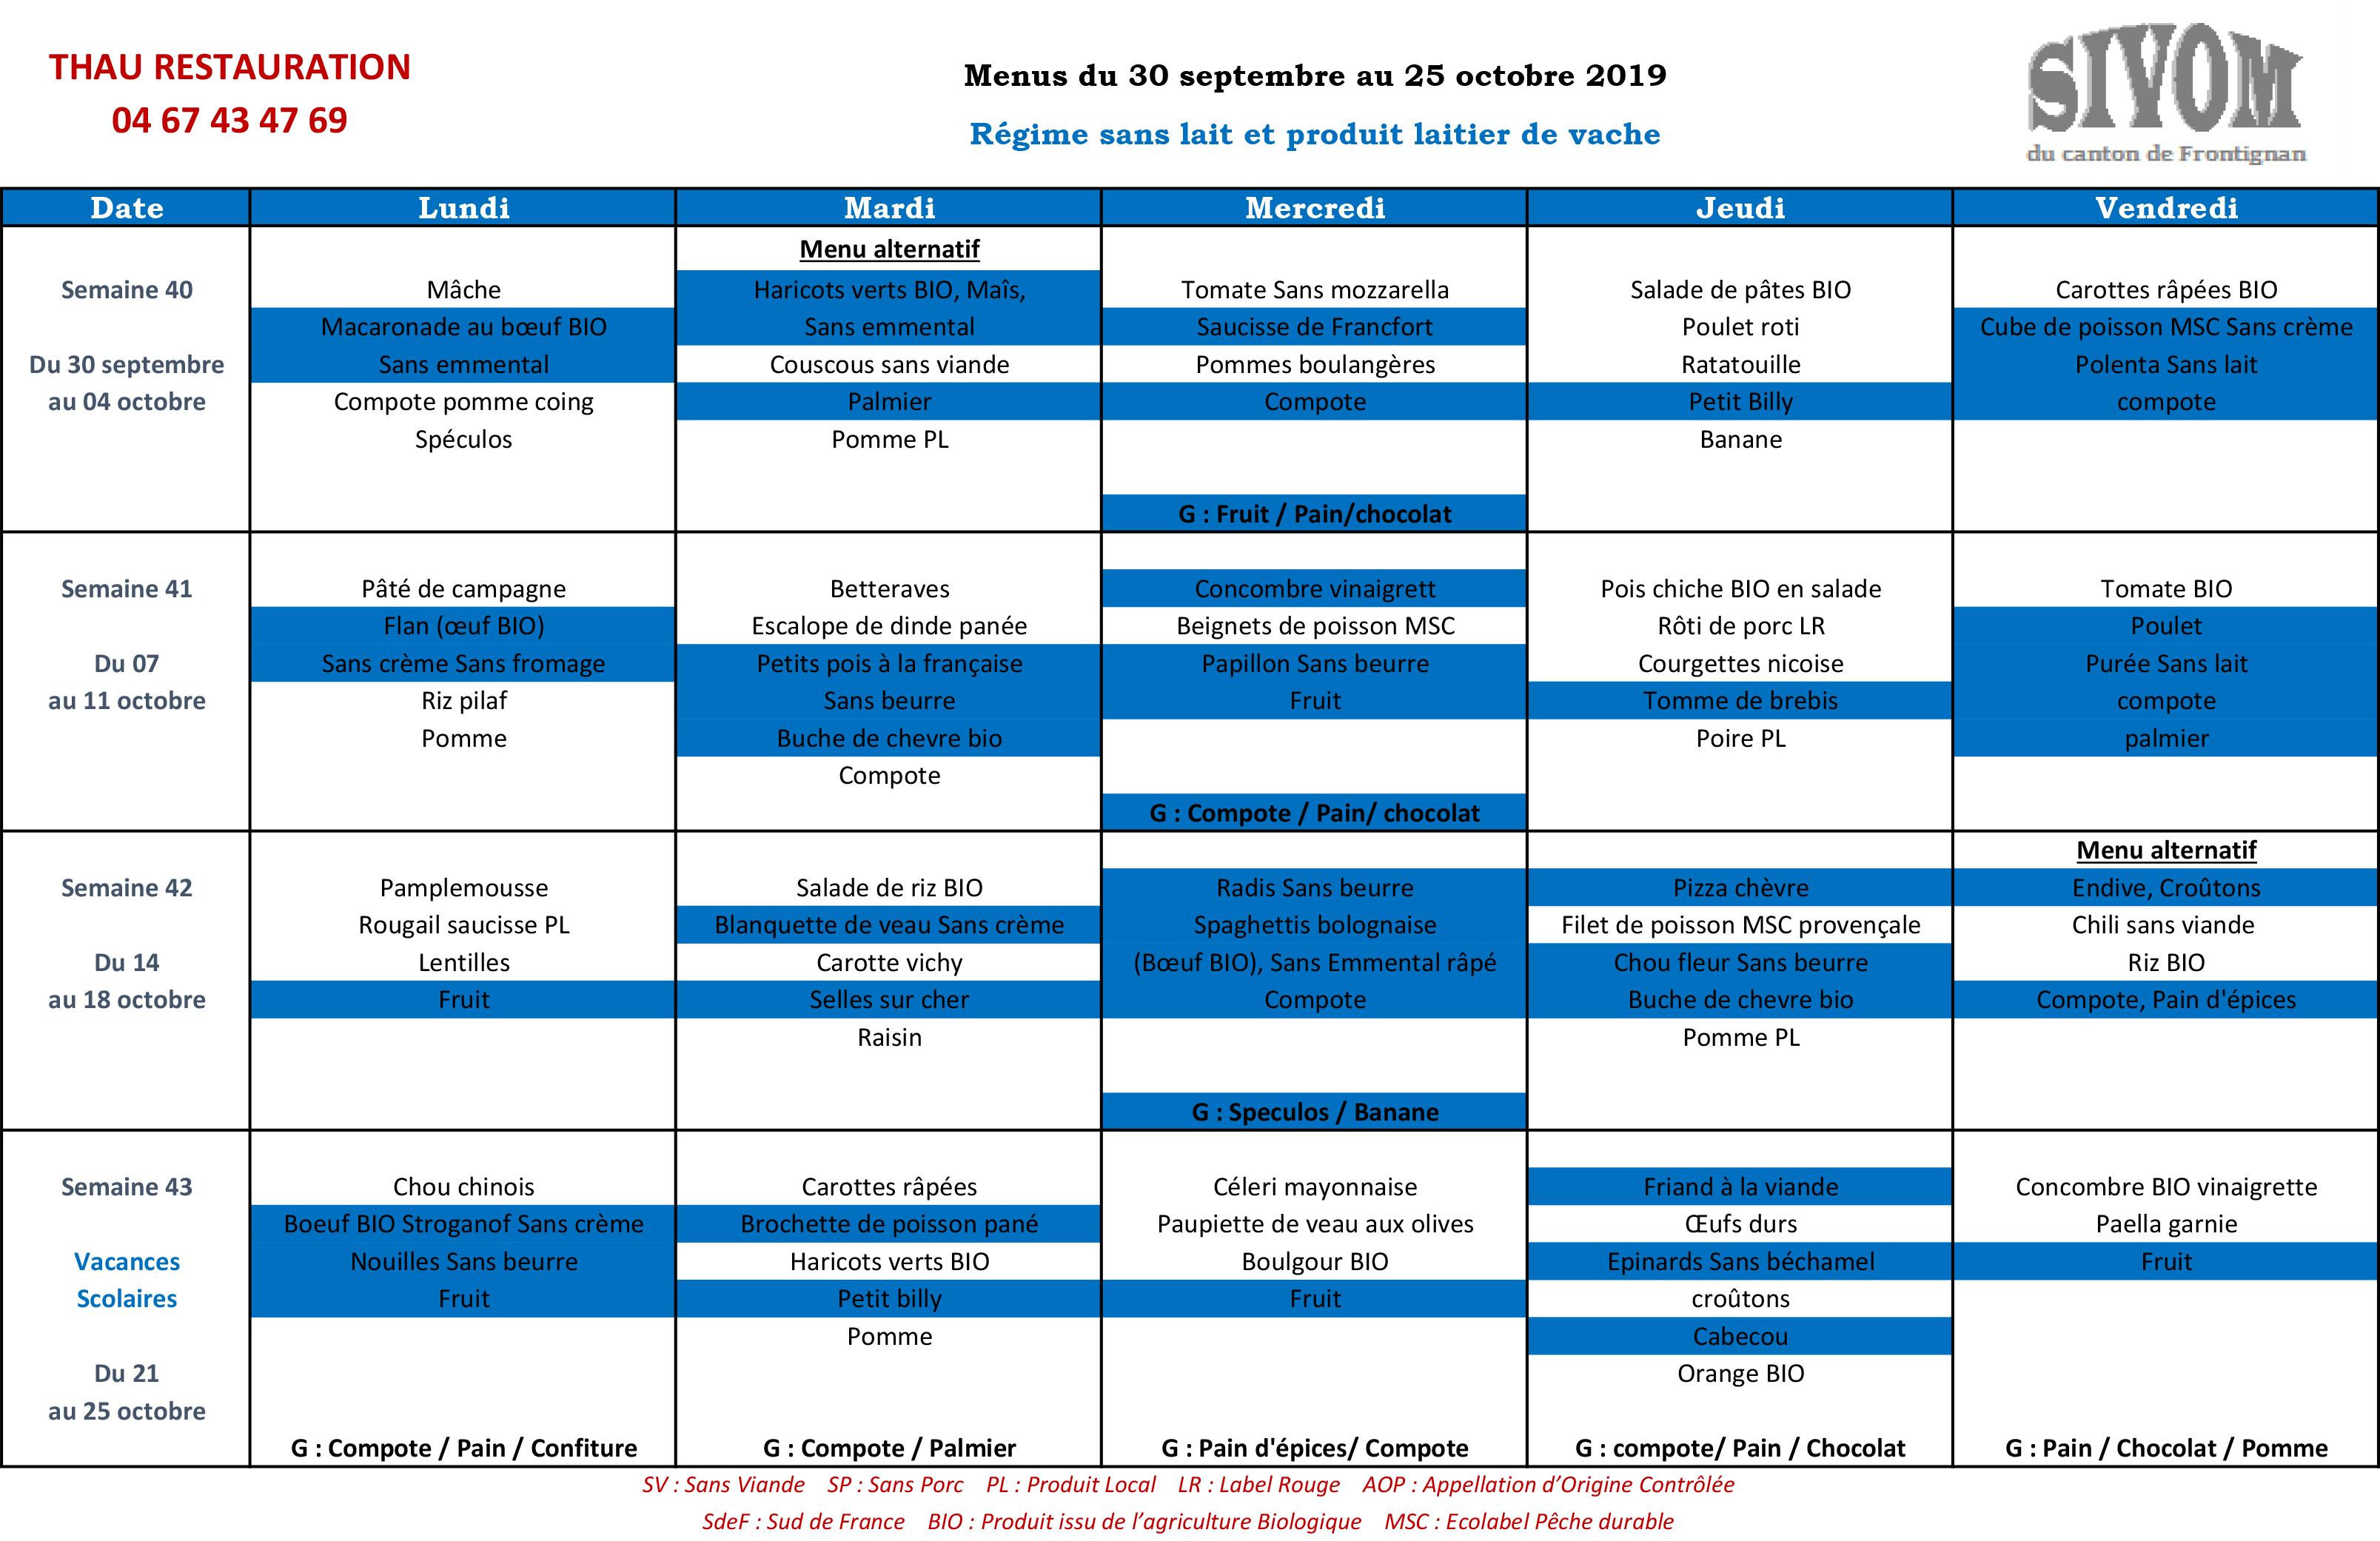 MENU-BLEU-OCTOBRE-2019